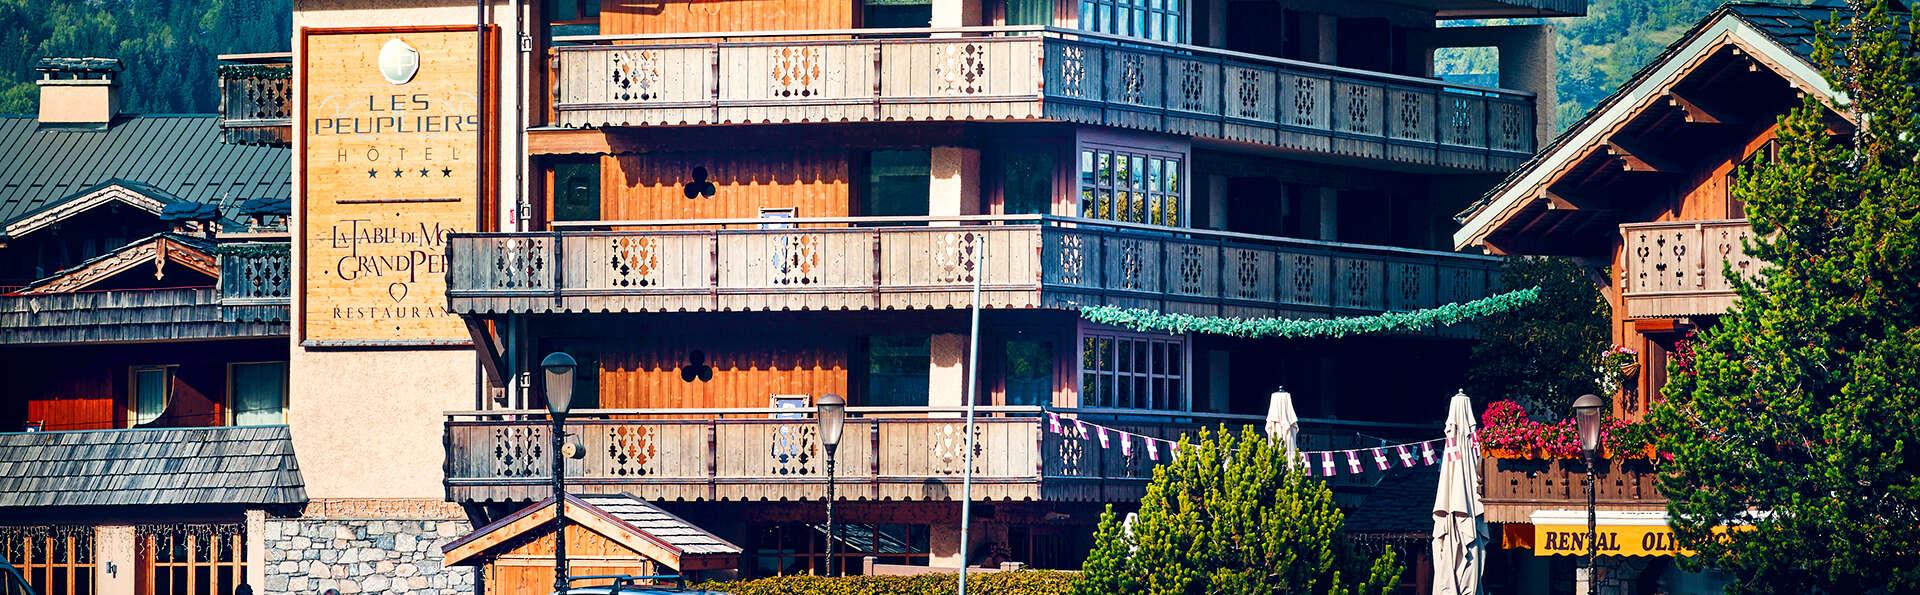 Hôtel Les Peupliers - Courchevel - edit_new_facade3.jpg